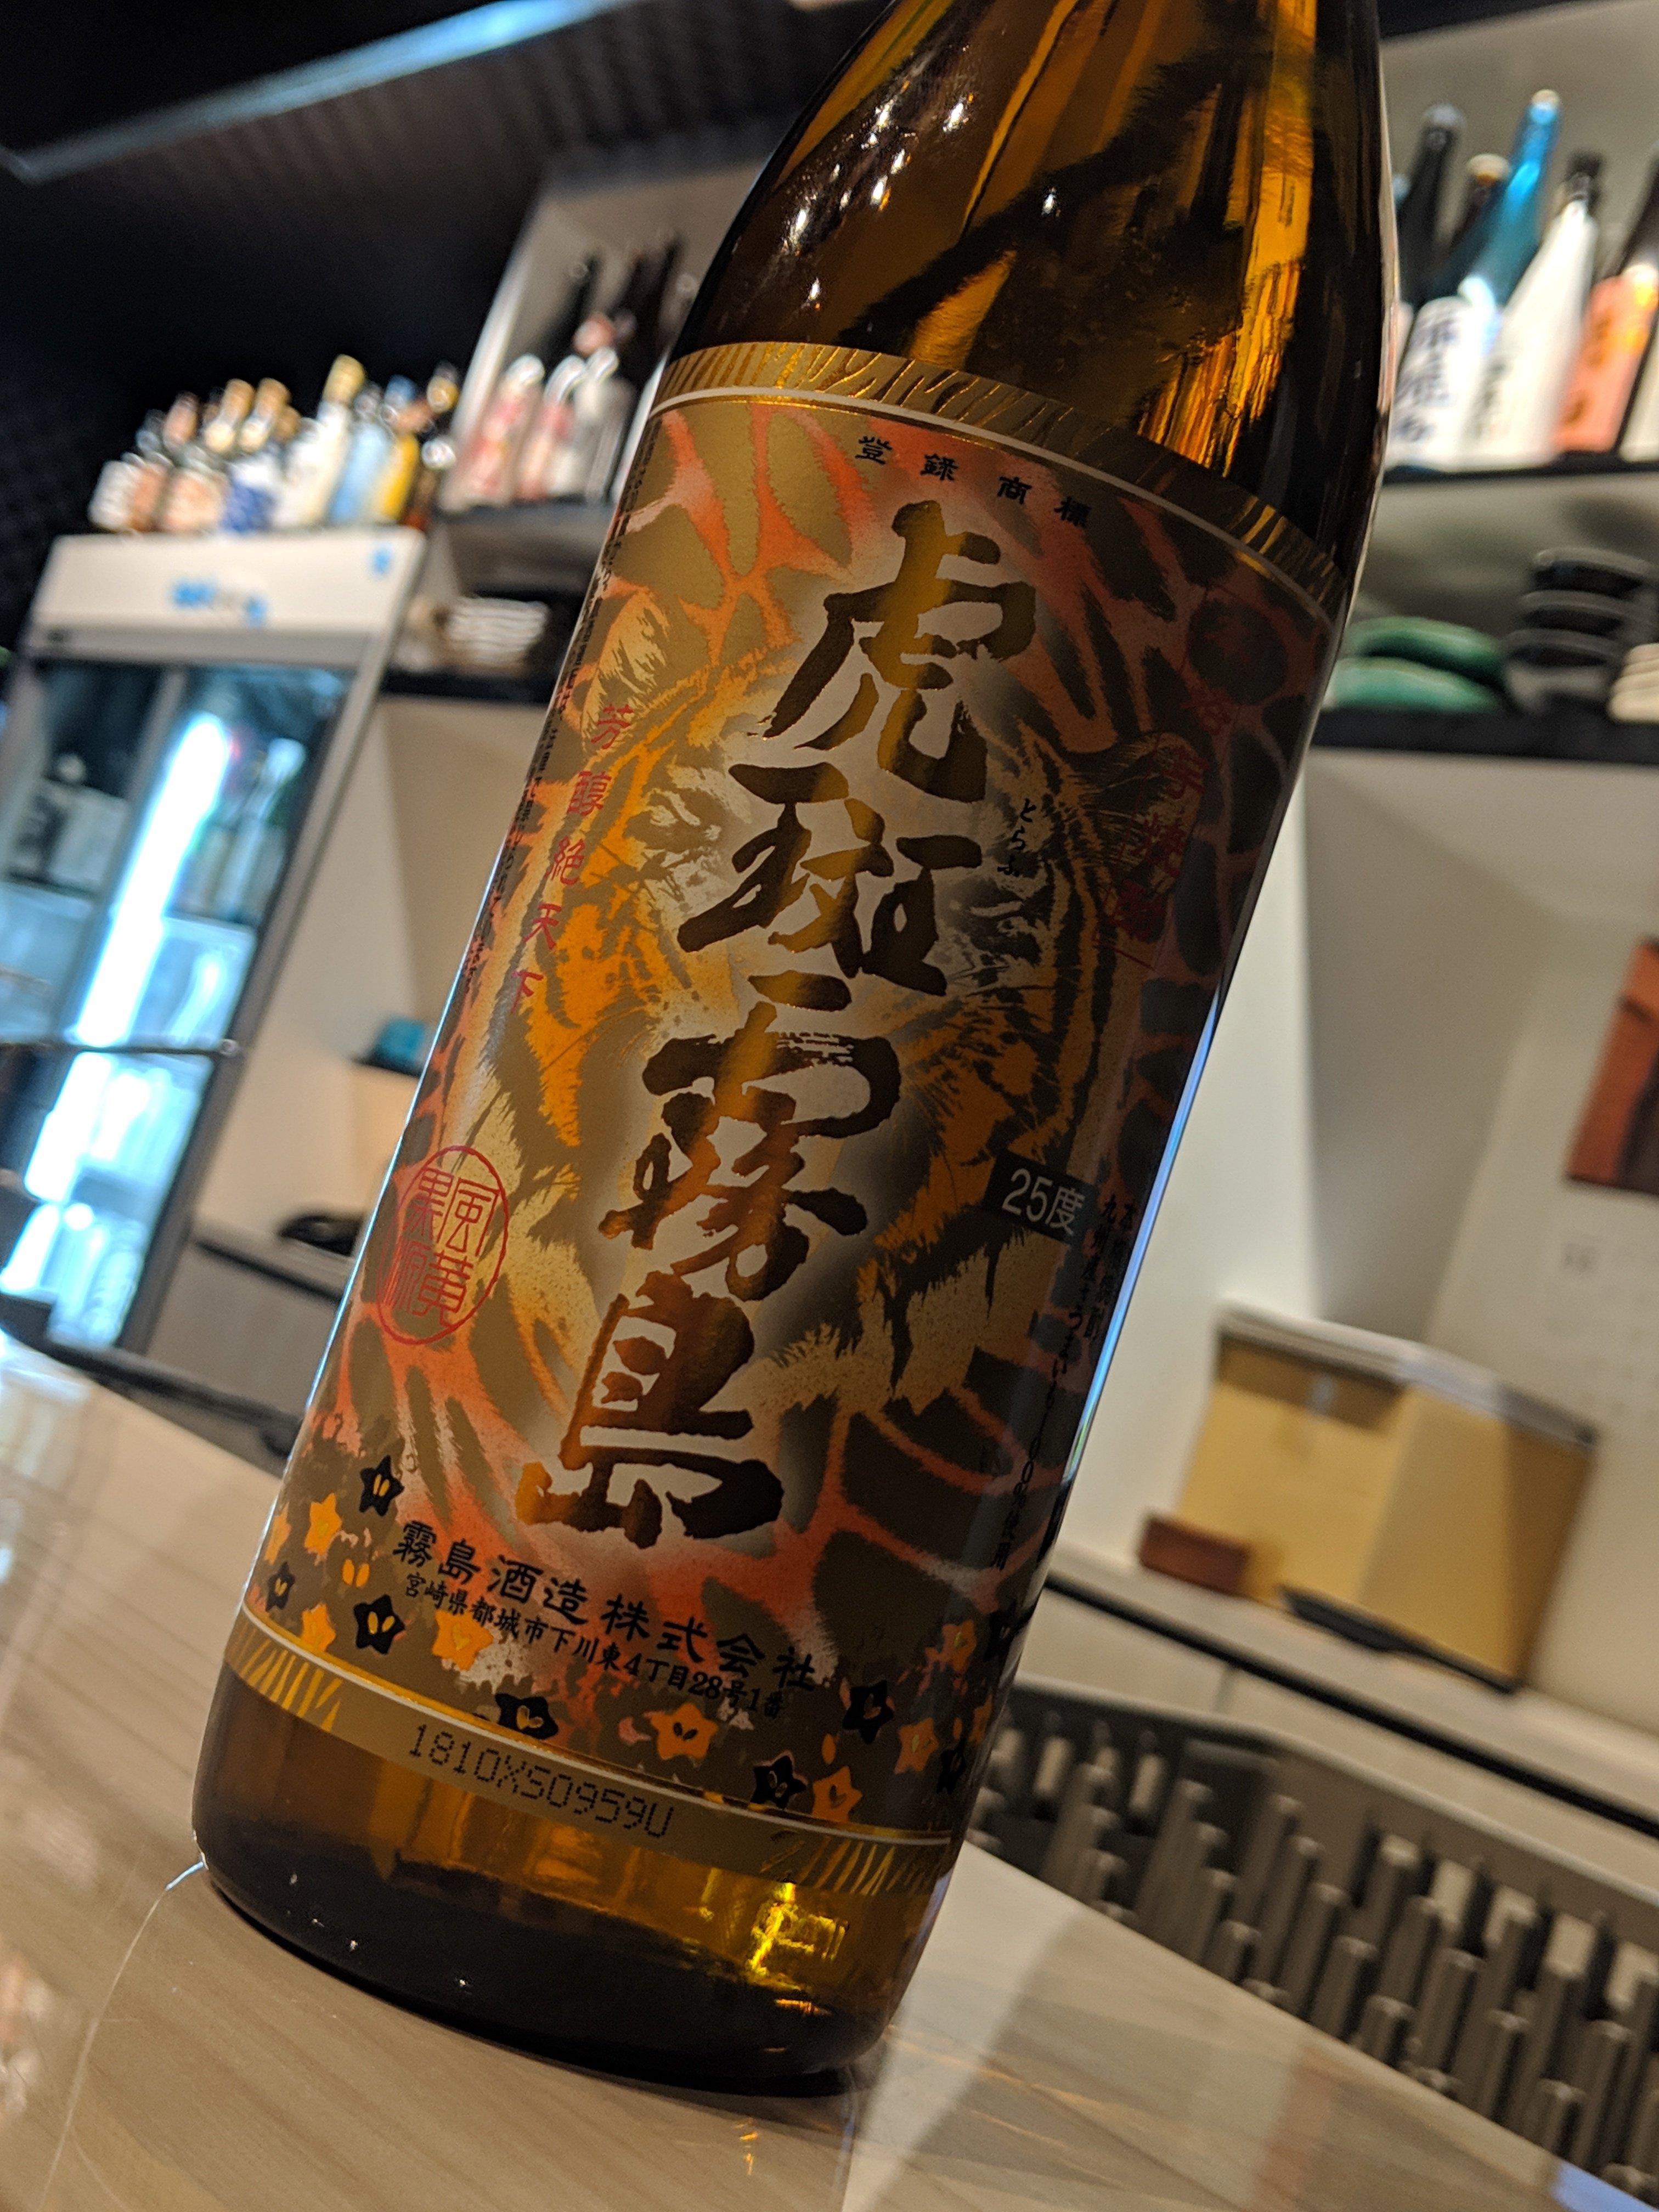 舞鶴市の居酒屋でこれが飲めるのは弾正だけ!霧島酒造の虎斑霧島